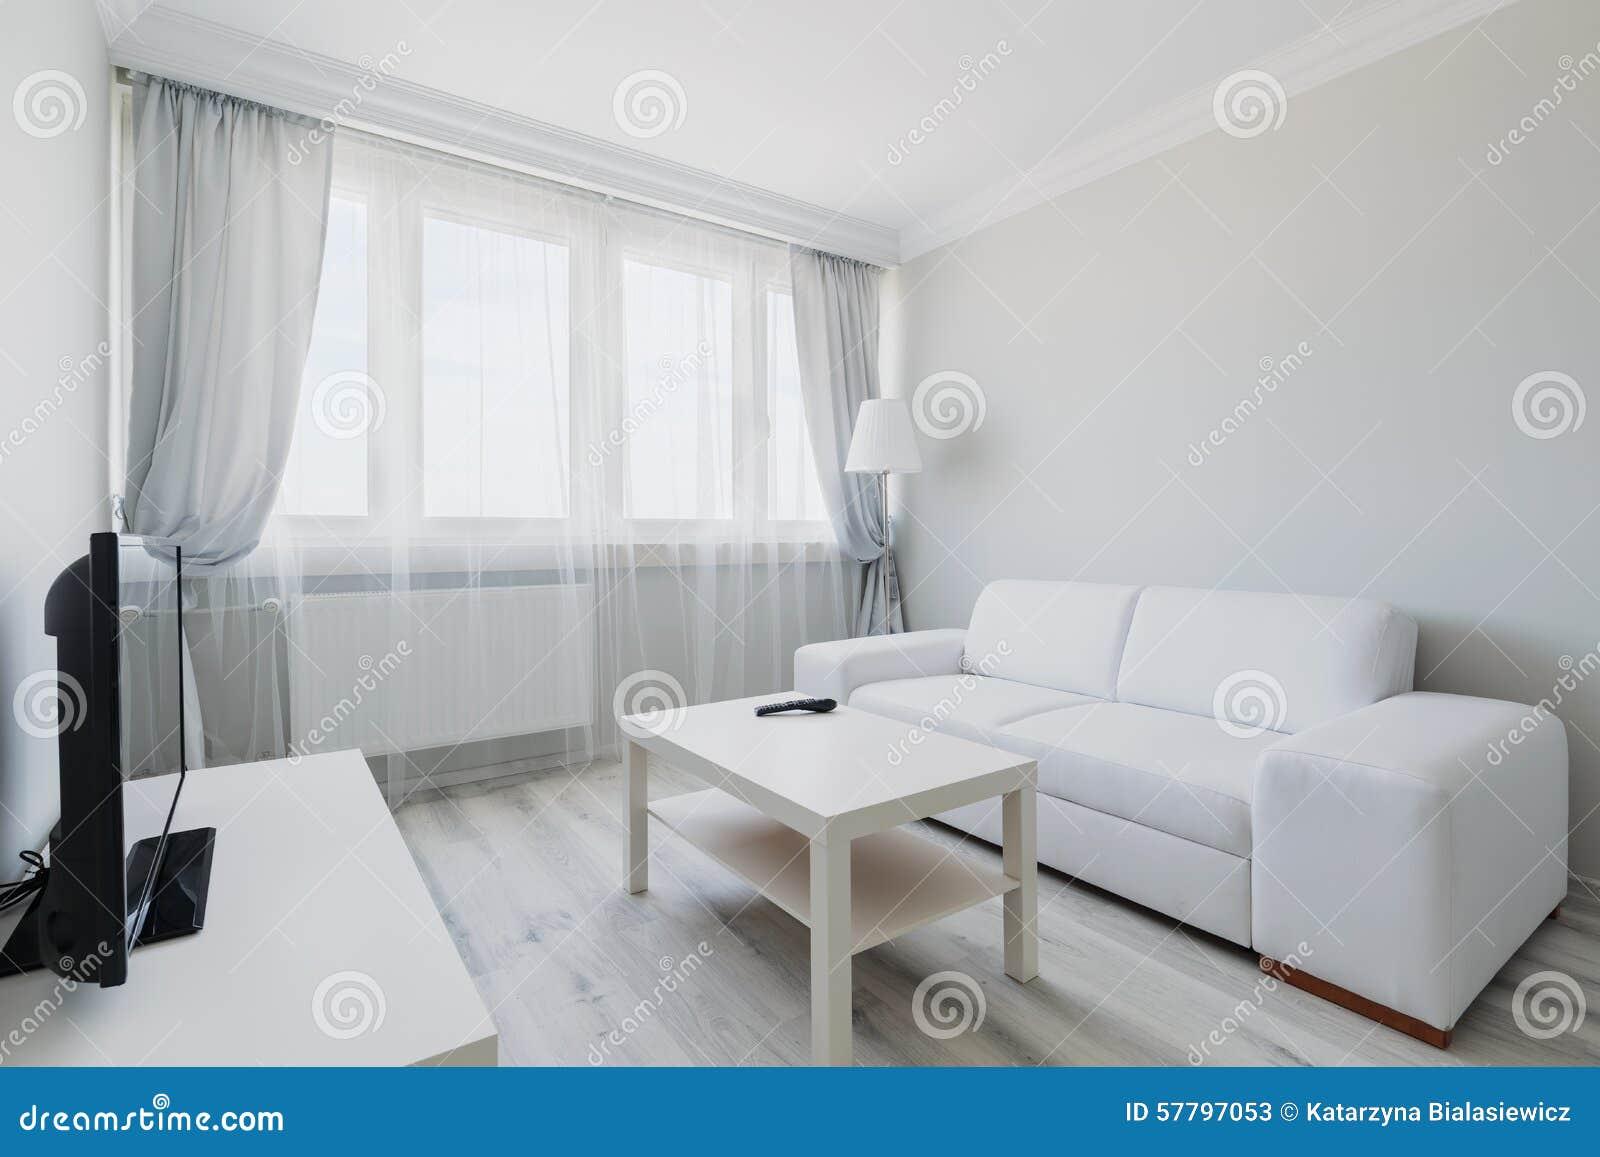 Comfortabele Lichte Woonkamer Stock Afbeelding - Afbeelding ...